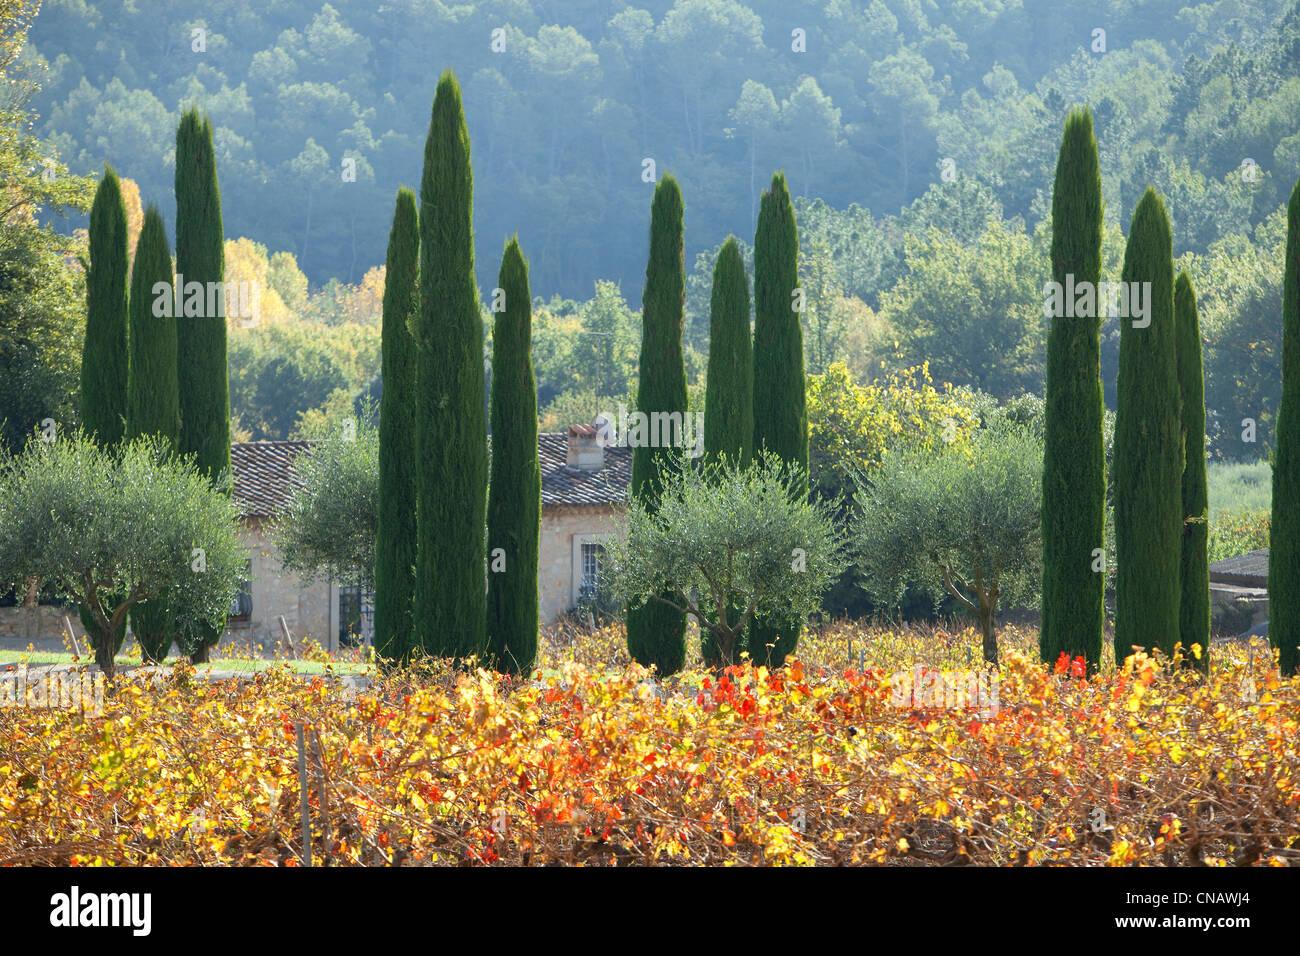 France, Var, Lorgues, Chateau de Berne, compulsory mention - Stock Image